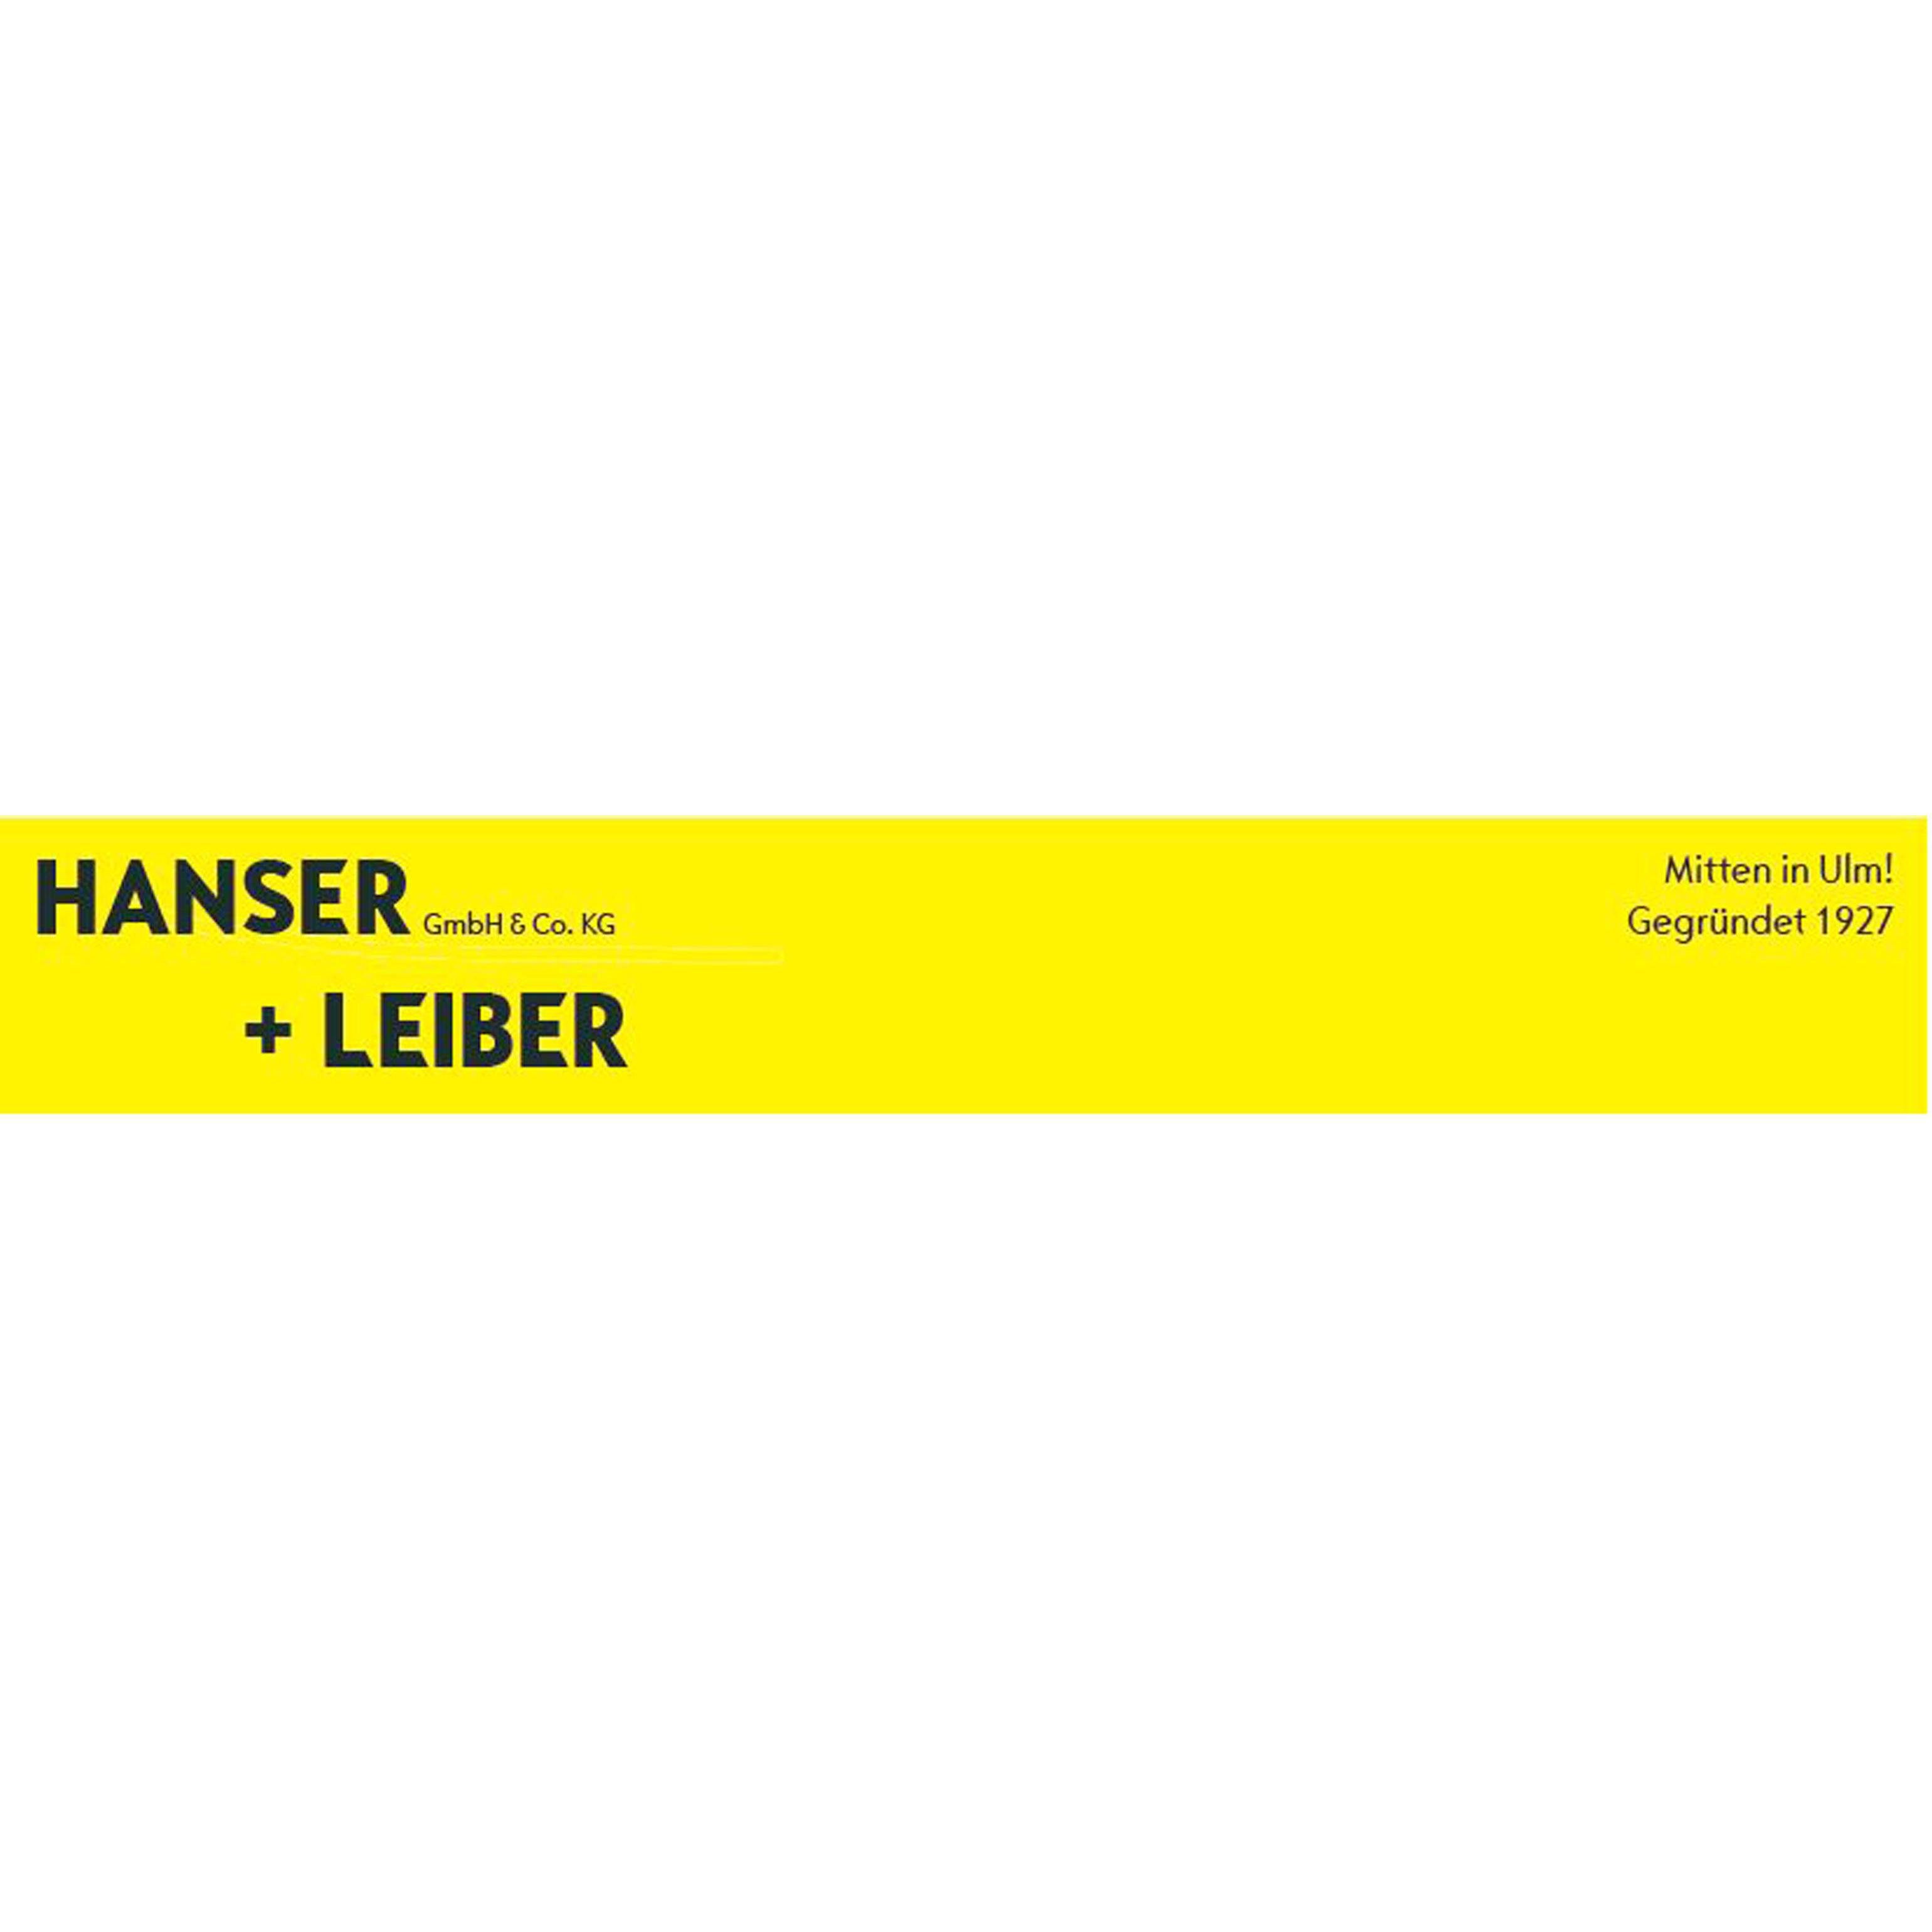 Bild zu Hanser + Leiber GmbH & Co. KG in Ulm an der Donau